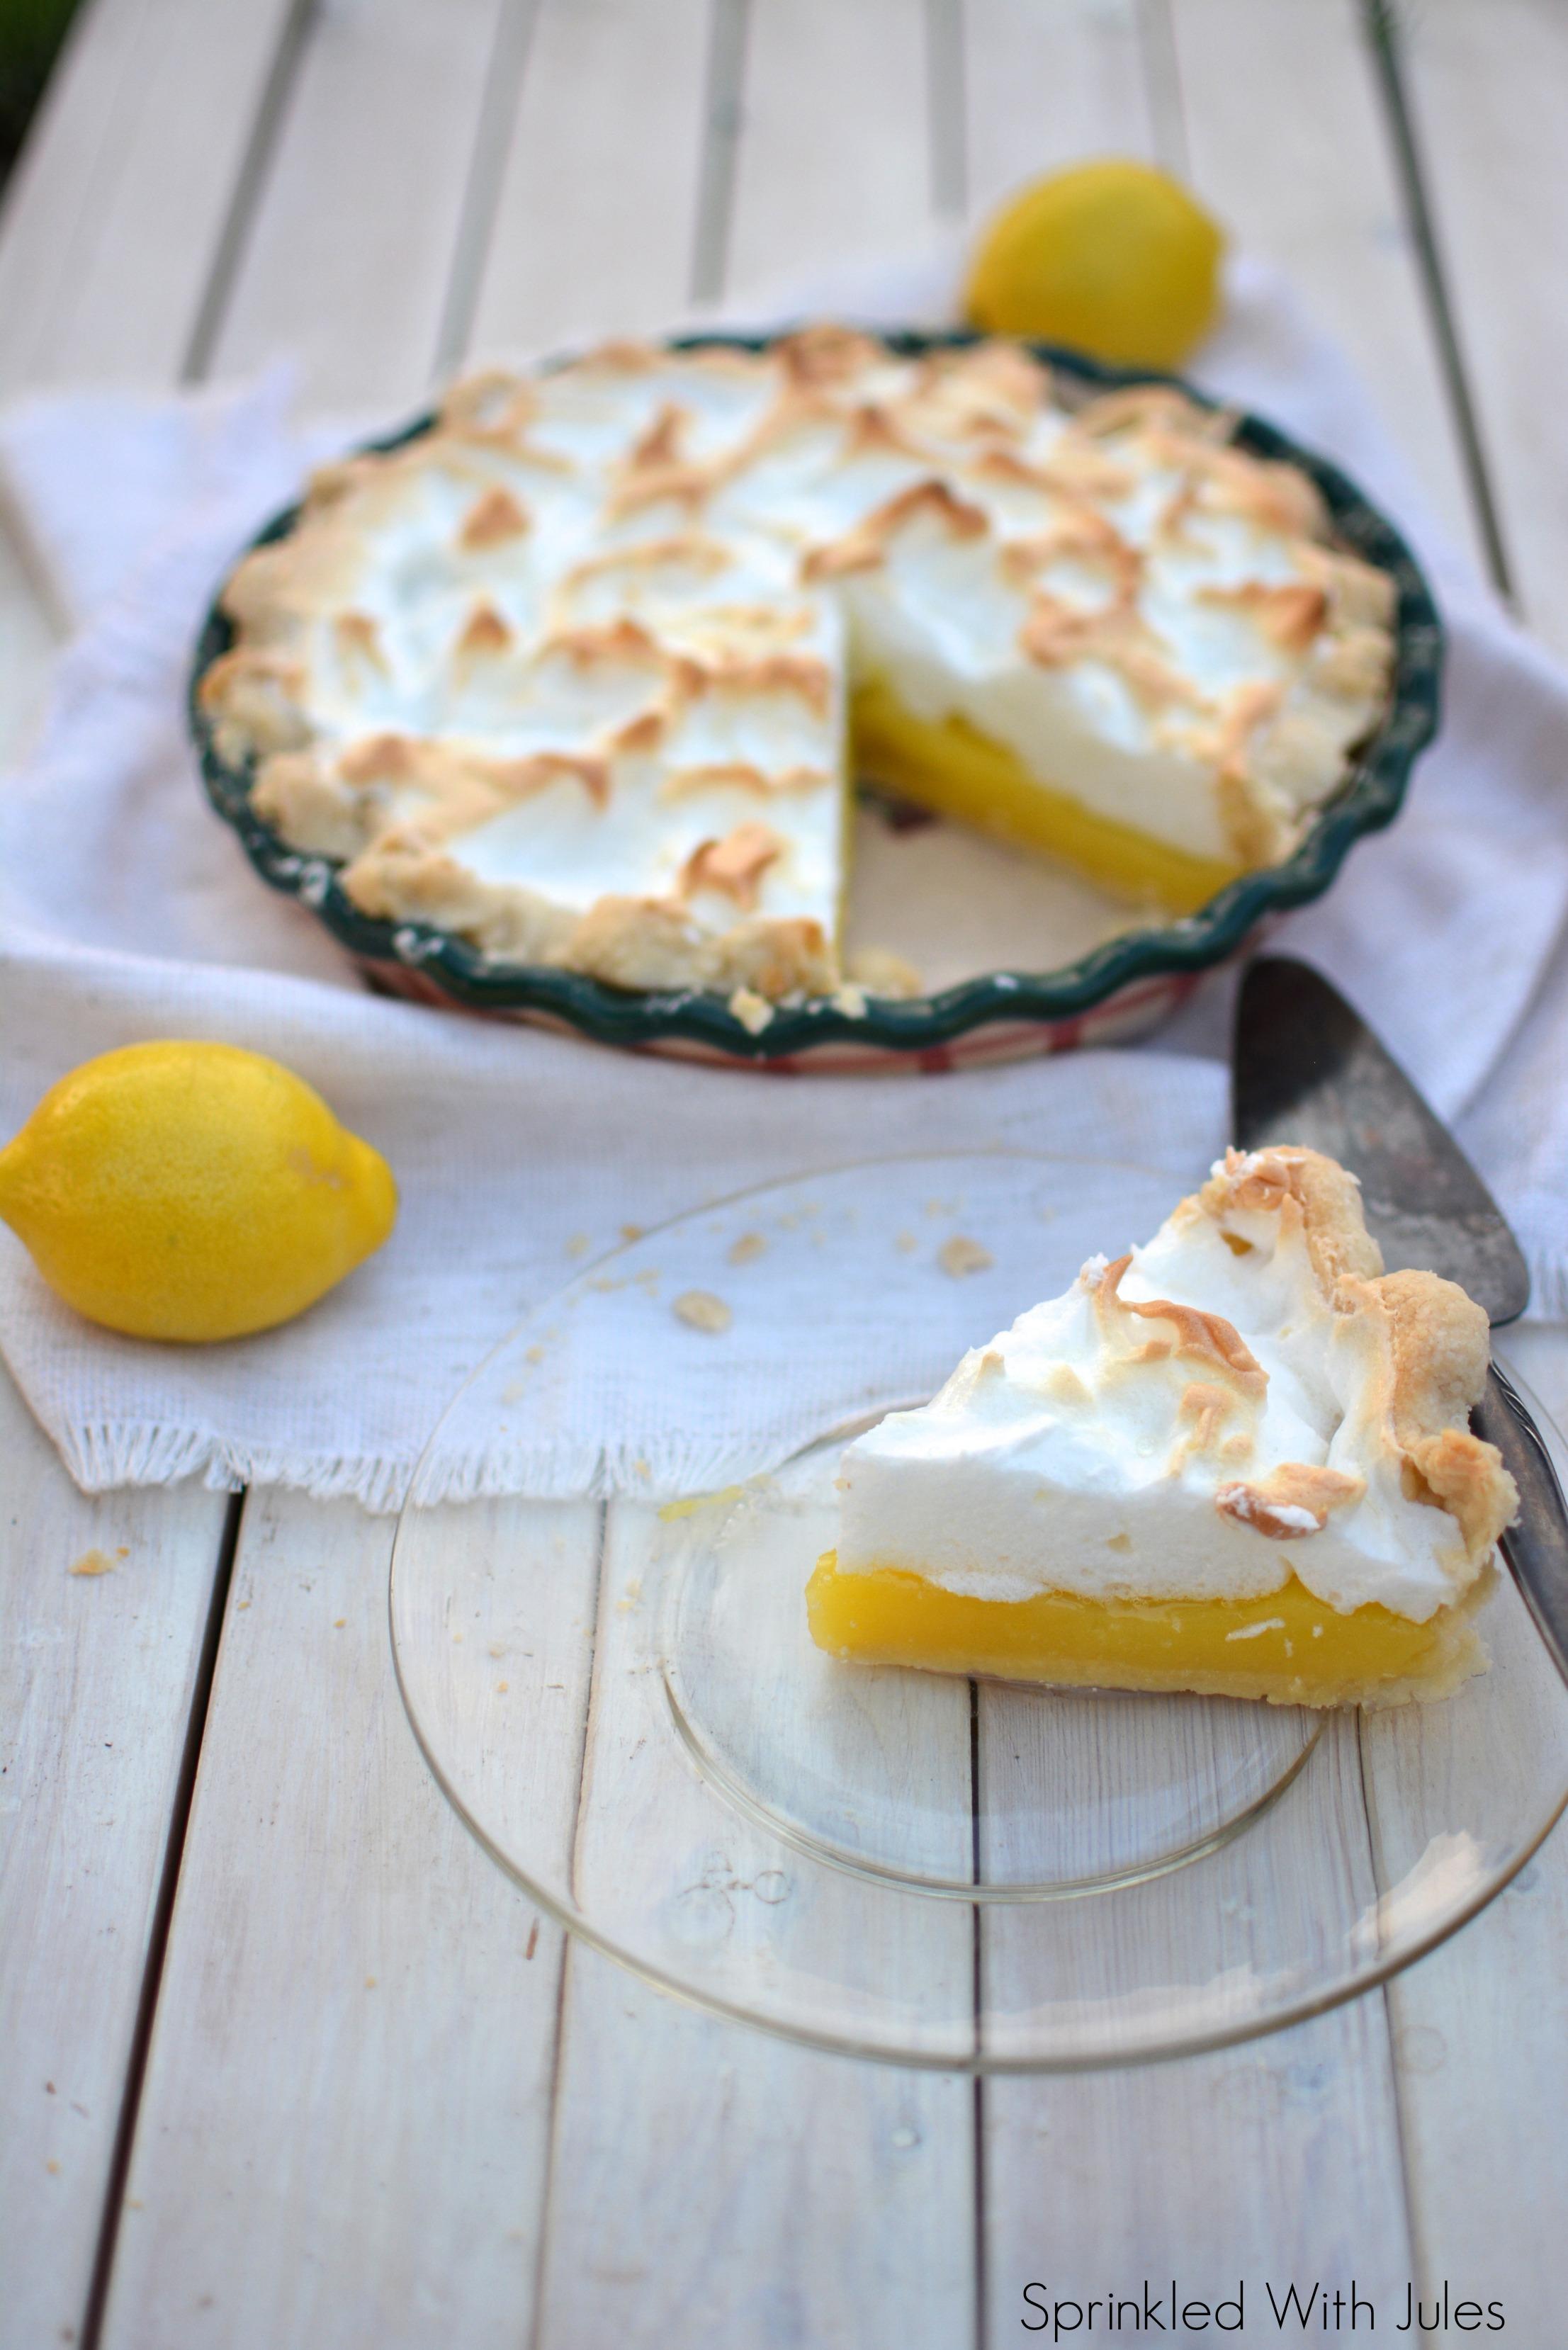 Nannie's Lemon Meringue Pie / Sprinkled With Jules